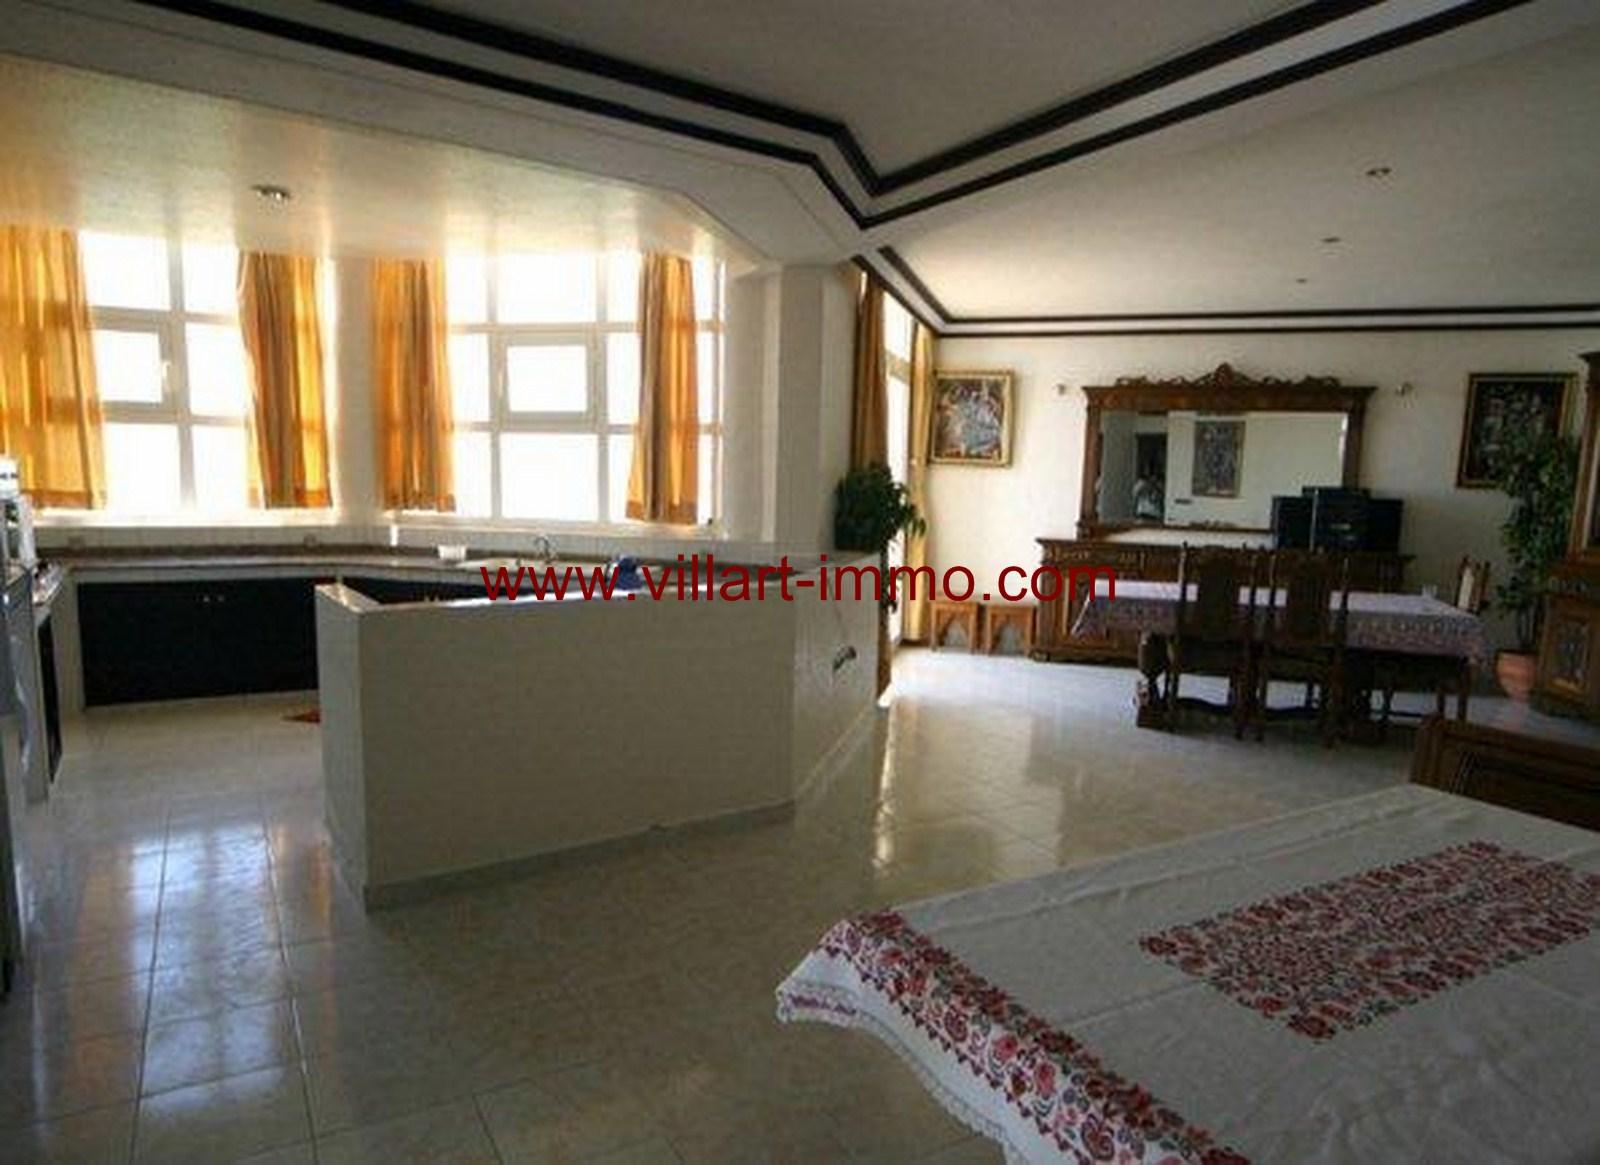 6-Location-Villa-Meublée-Tanger-Achakar-Salon 2-LV910-Villart immo